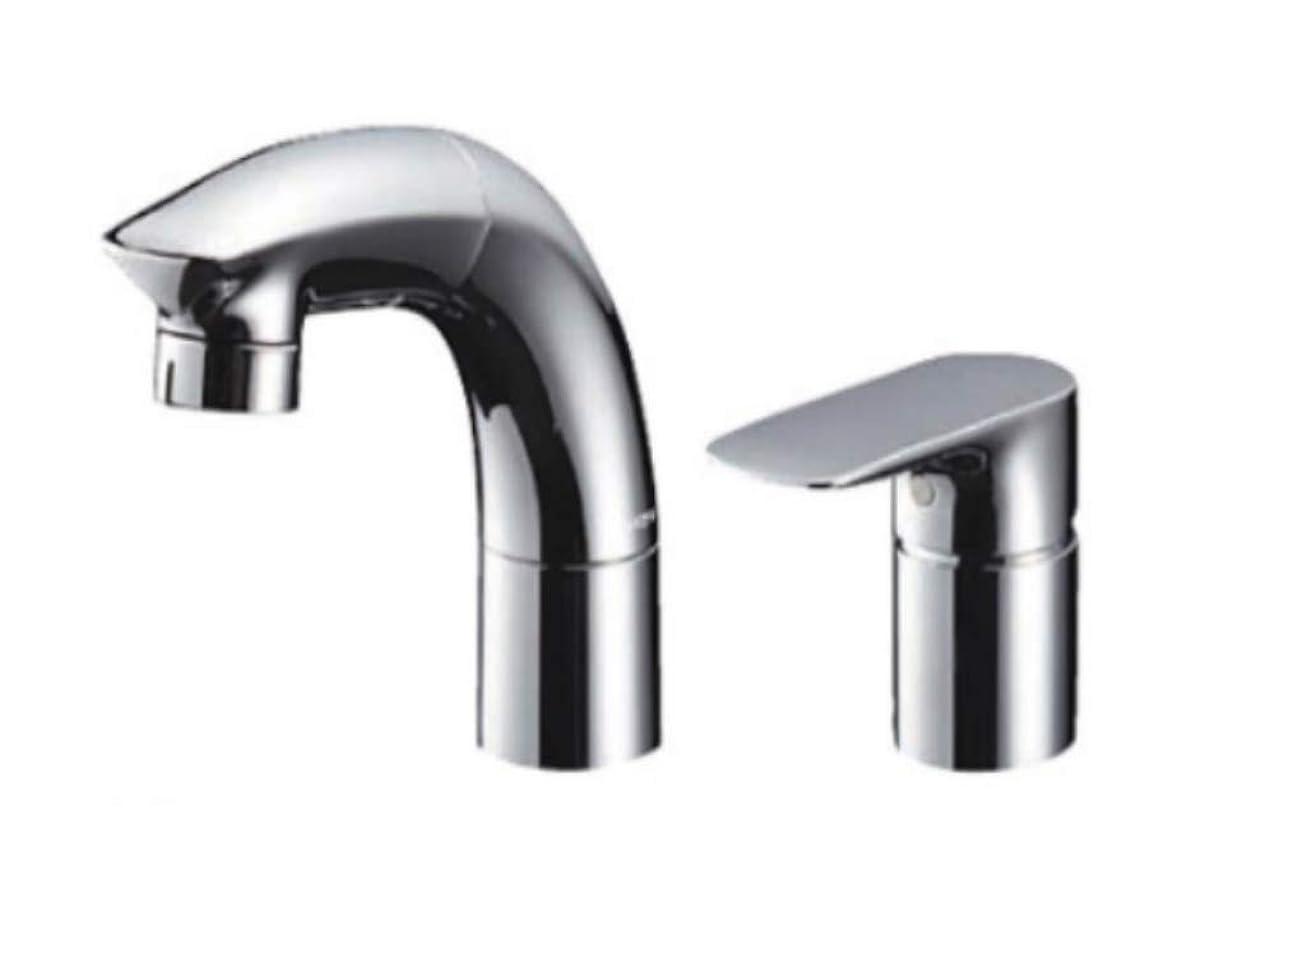 摘む落胆する出撃者[TLG05301J]TOTO 洗面所用水栓 シングルレバー混合栓 (同等品:TLNW36E)